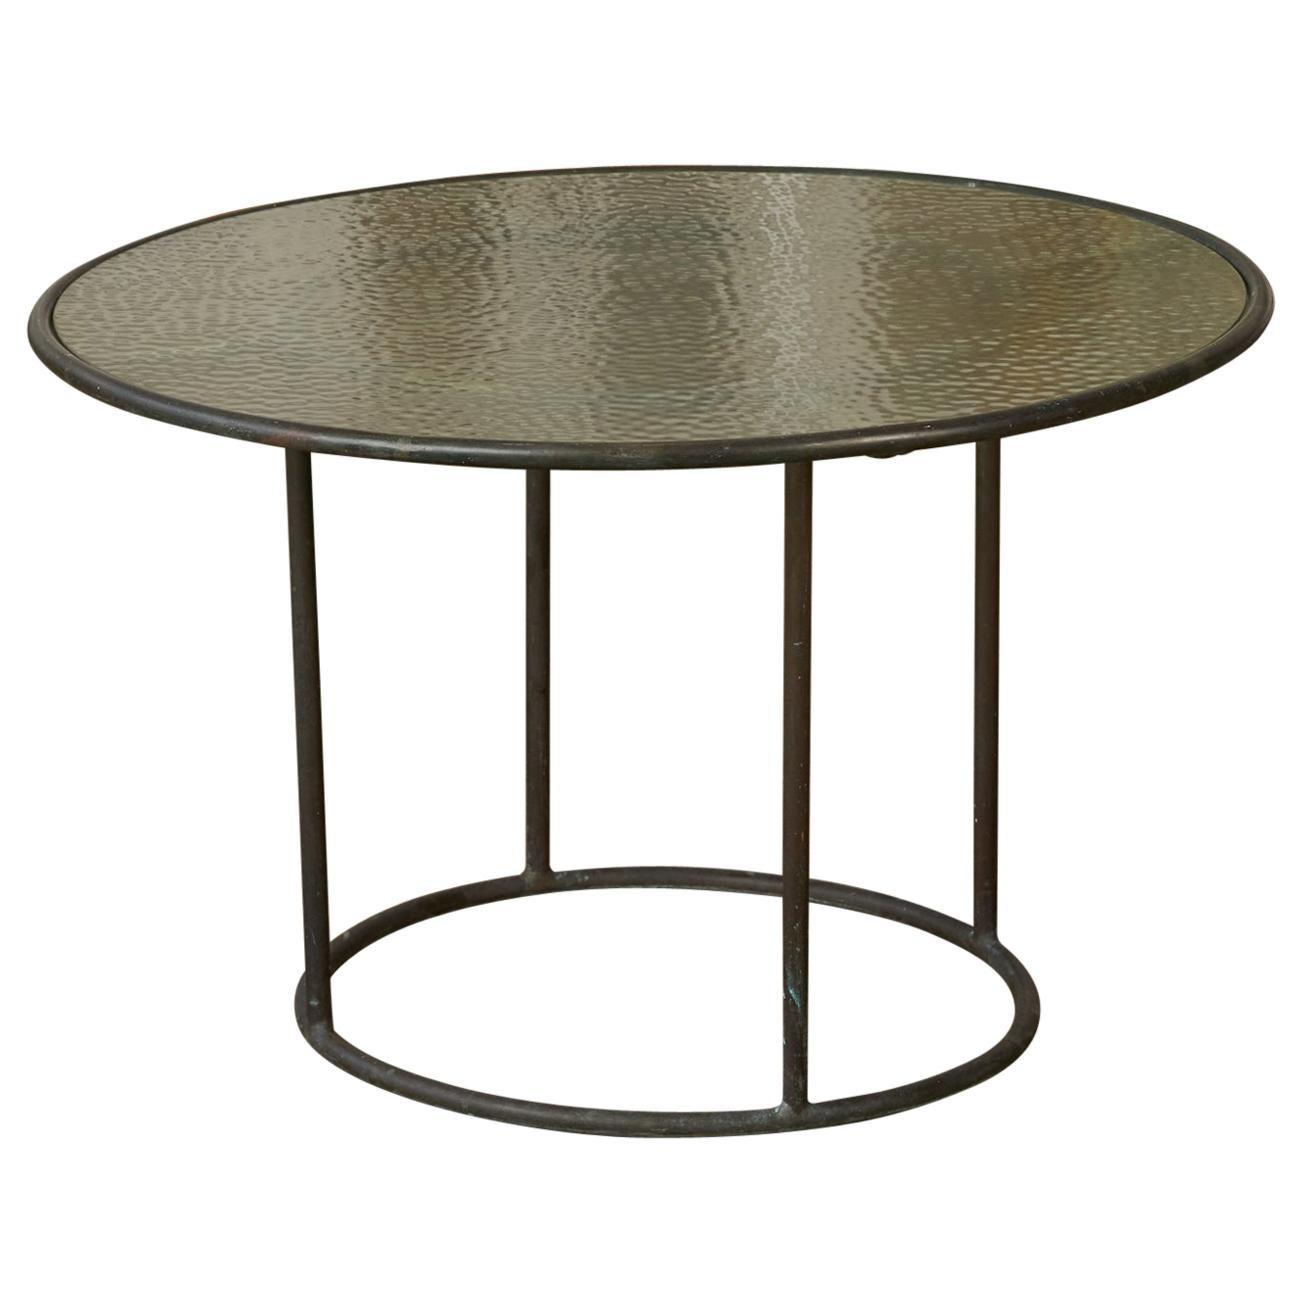 Walter Lamb for Brown Jordan Bronze Patio Coffee Table